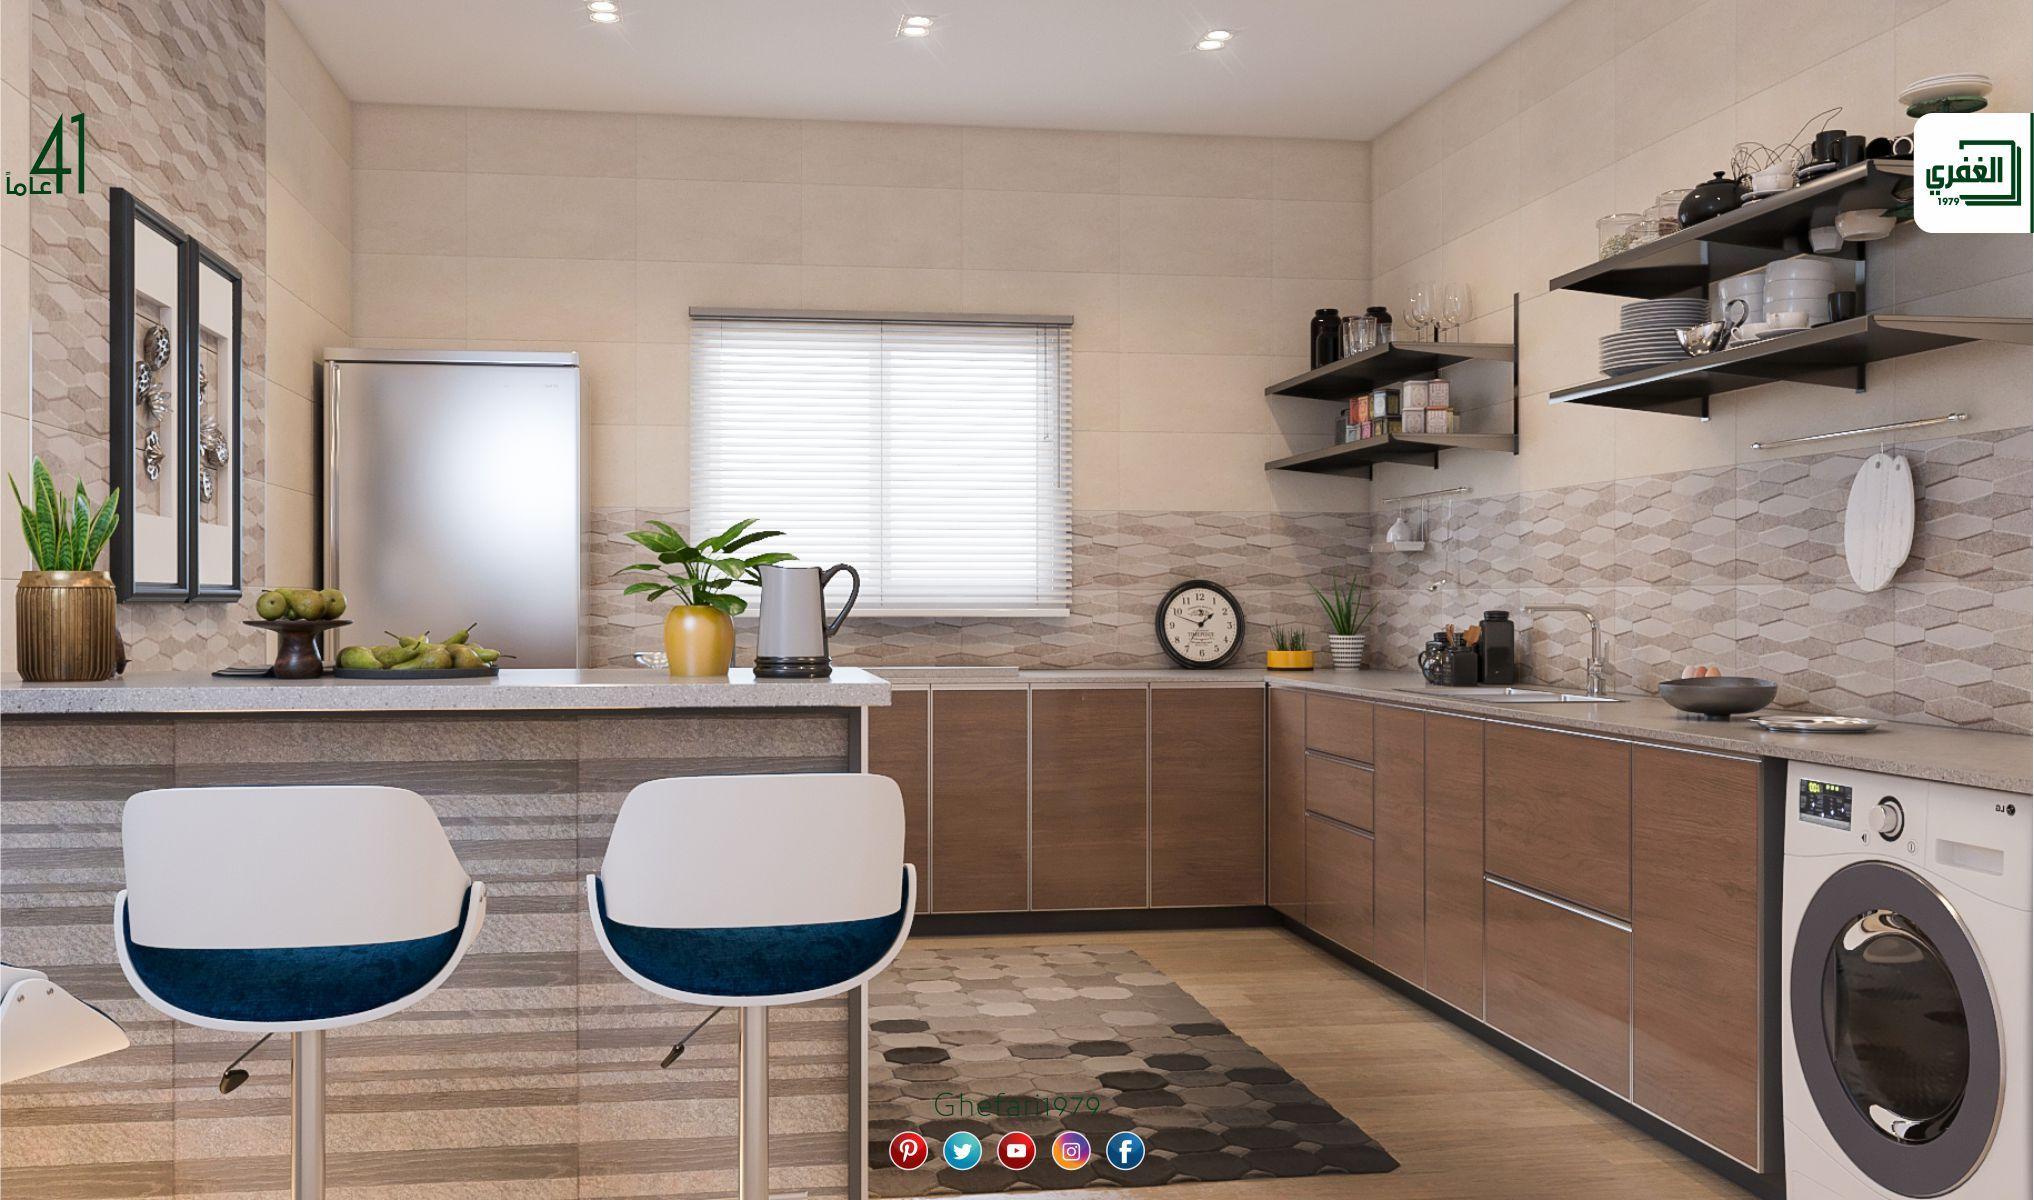 بلاط أسباني ديكور اندلسي للاستخدام داخل الحمامات المطابخ اماكن اخرى للمزيد زورونا على موقع الشركة Https Www Ghef Louis Xvi Furniture Vanity Single Vanity